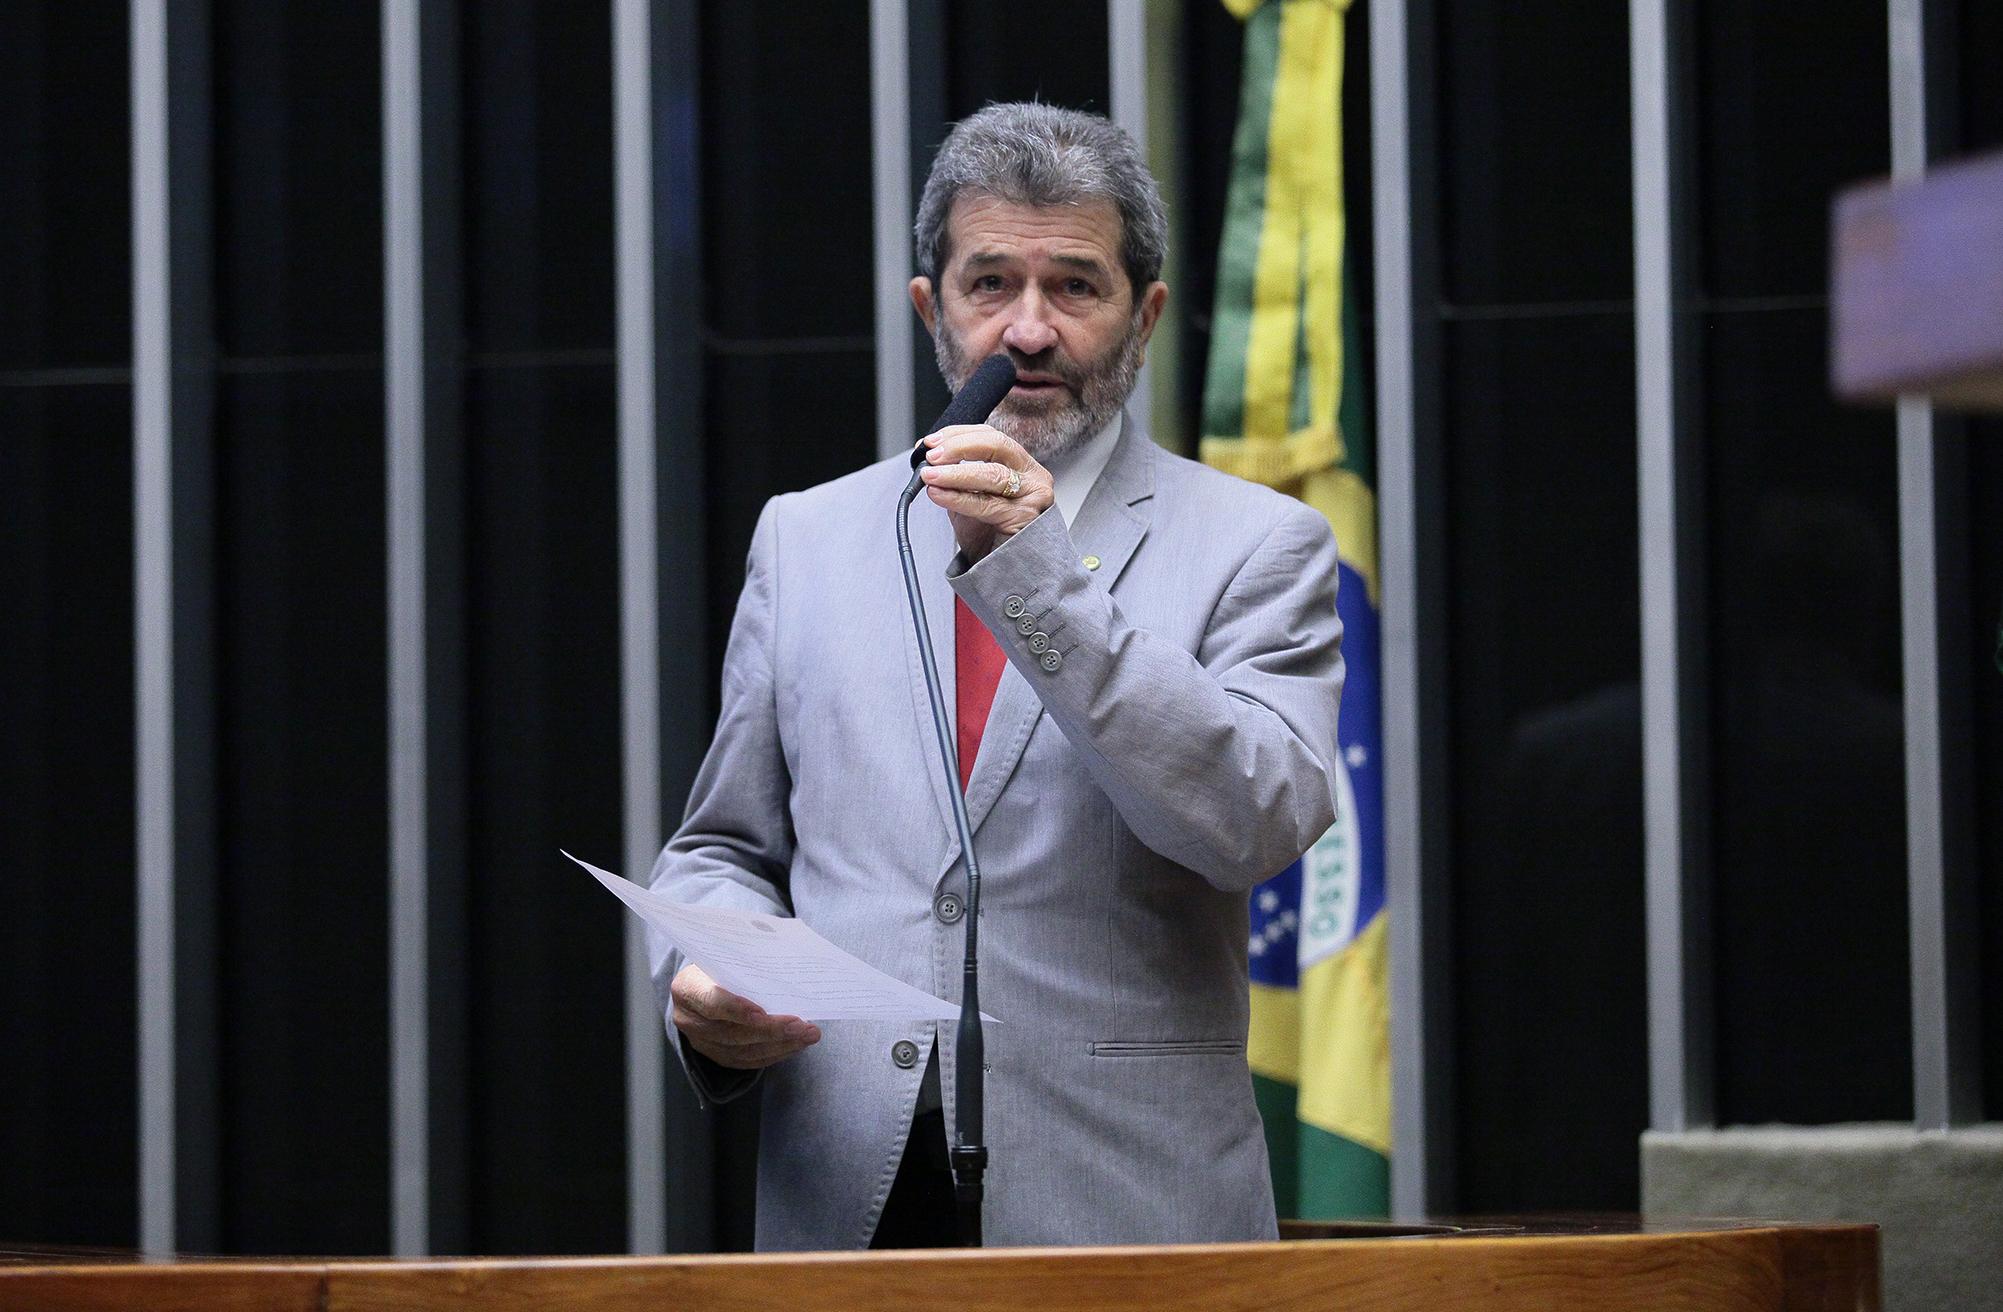 Homenagem aos 50 Anos do Instituto Brasileiro de Turismo (Embratur), dep. Gonzaga Patriota (PSB-PE)